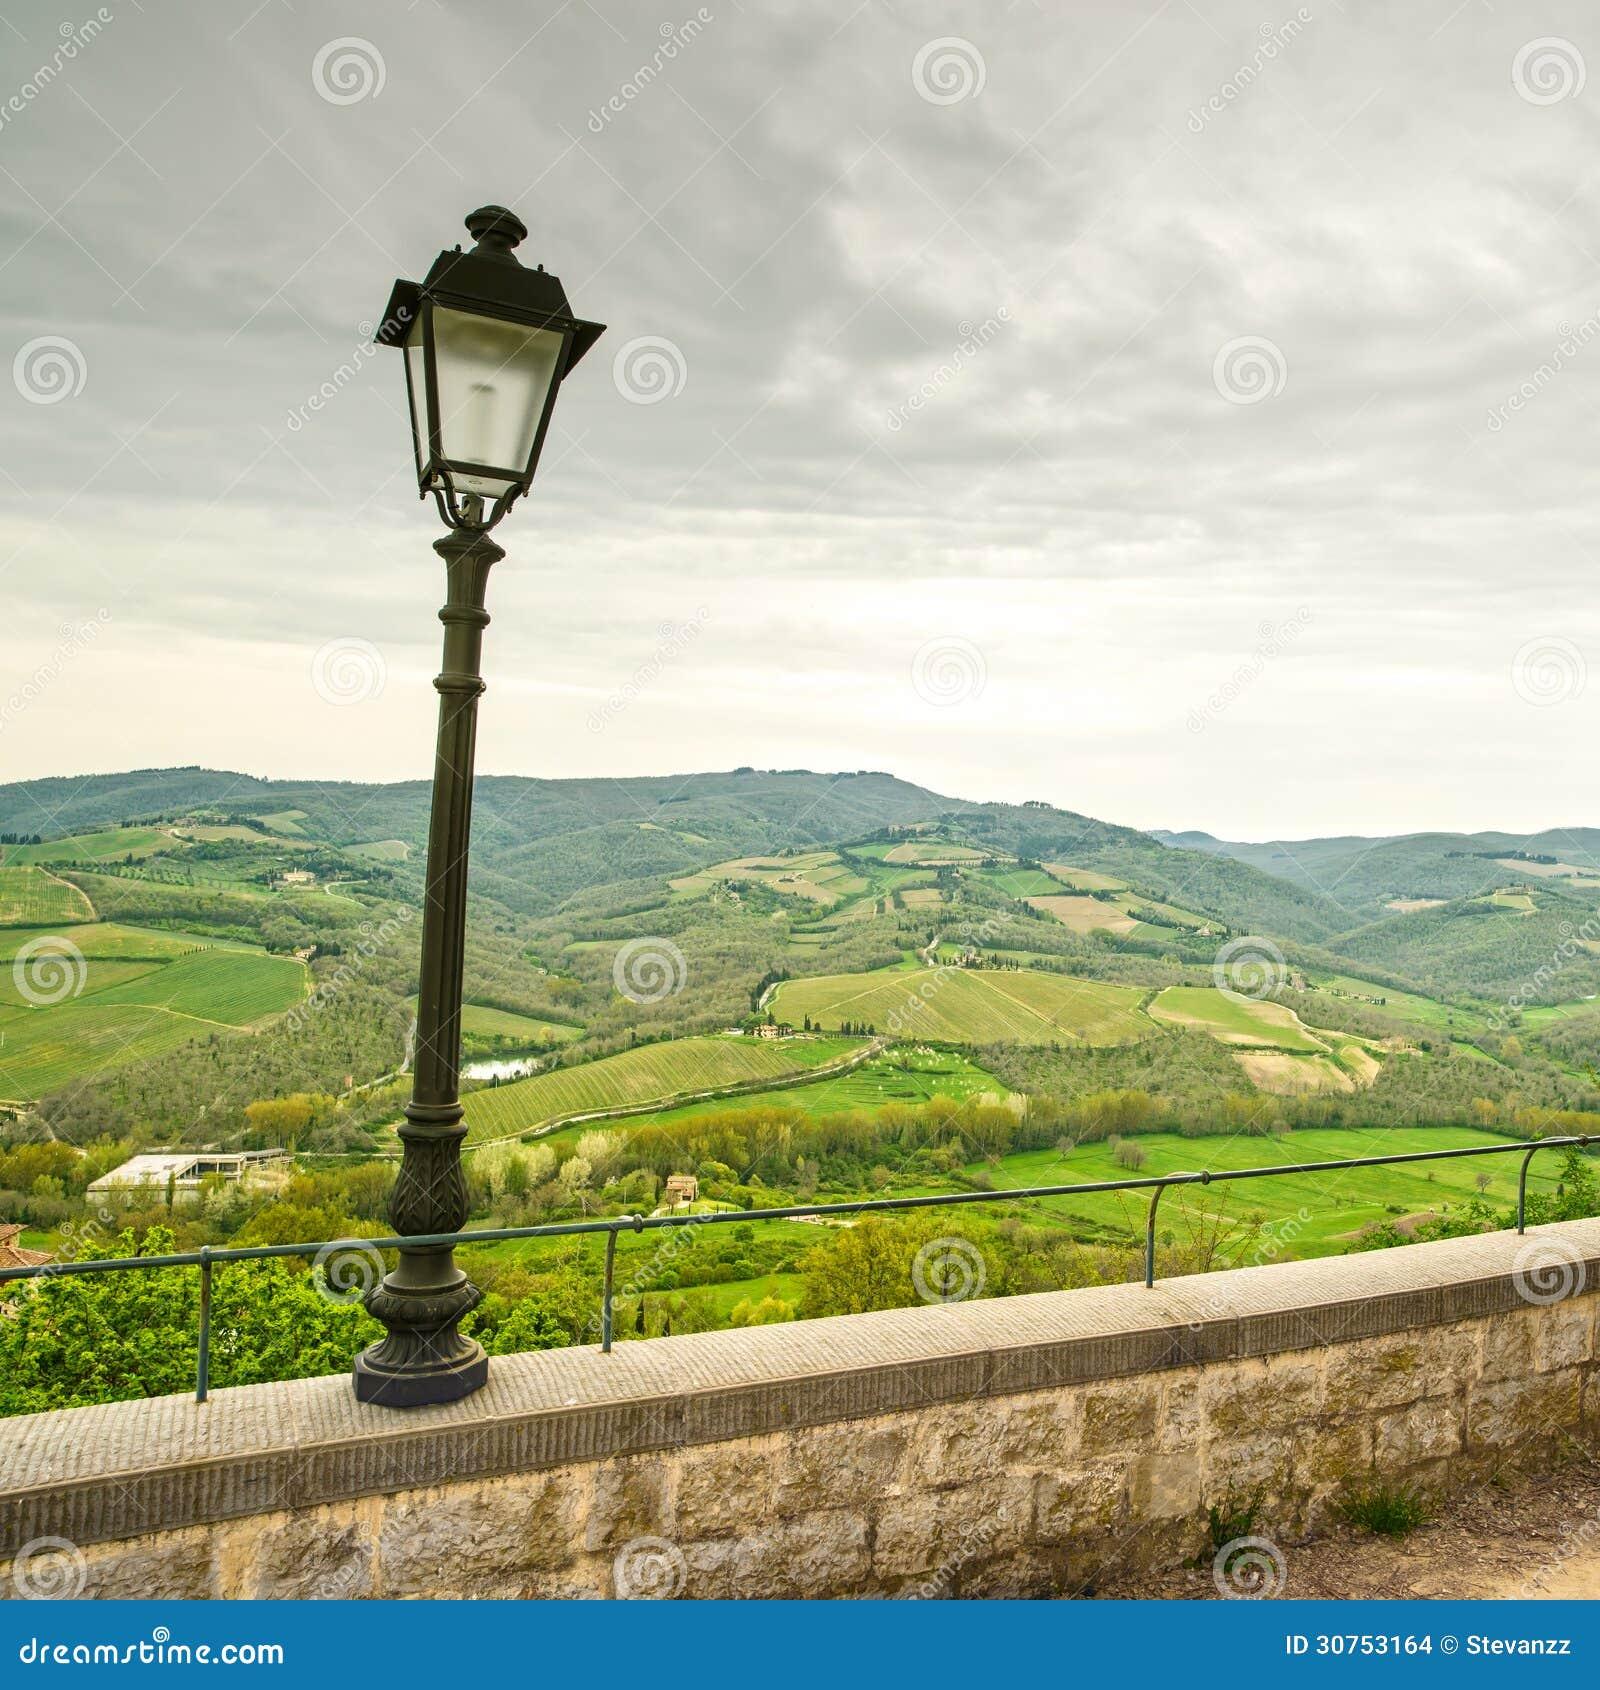 Περιοχή Chianti, λαμπτήρας και αγροτικό τοπίο. Radda, Τοσκάνη, Ιταλία